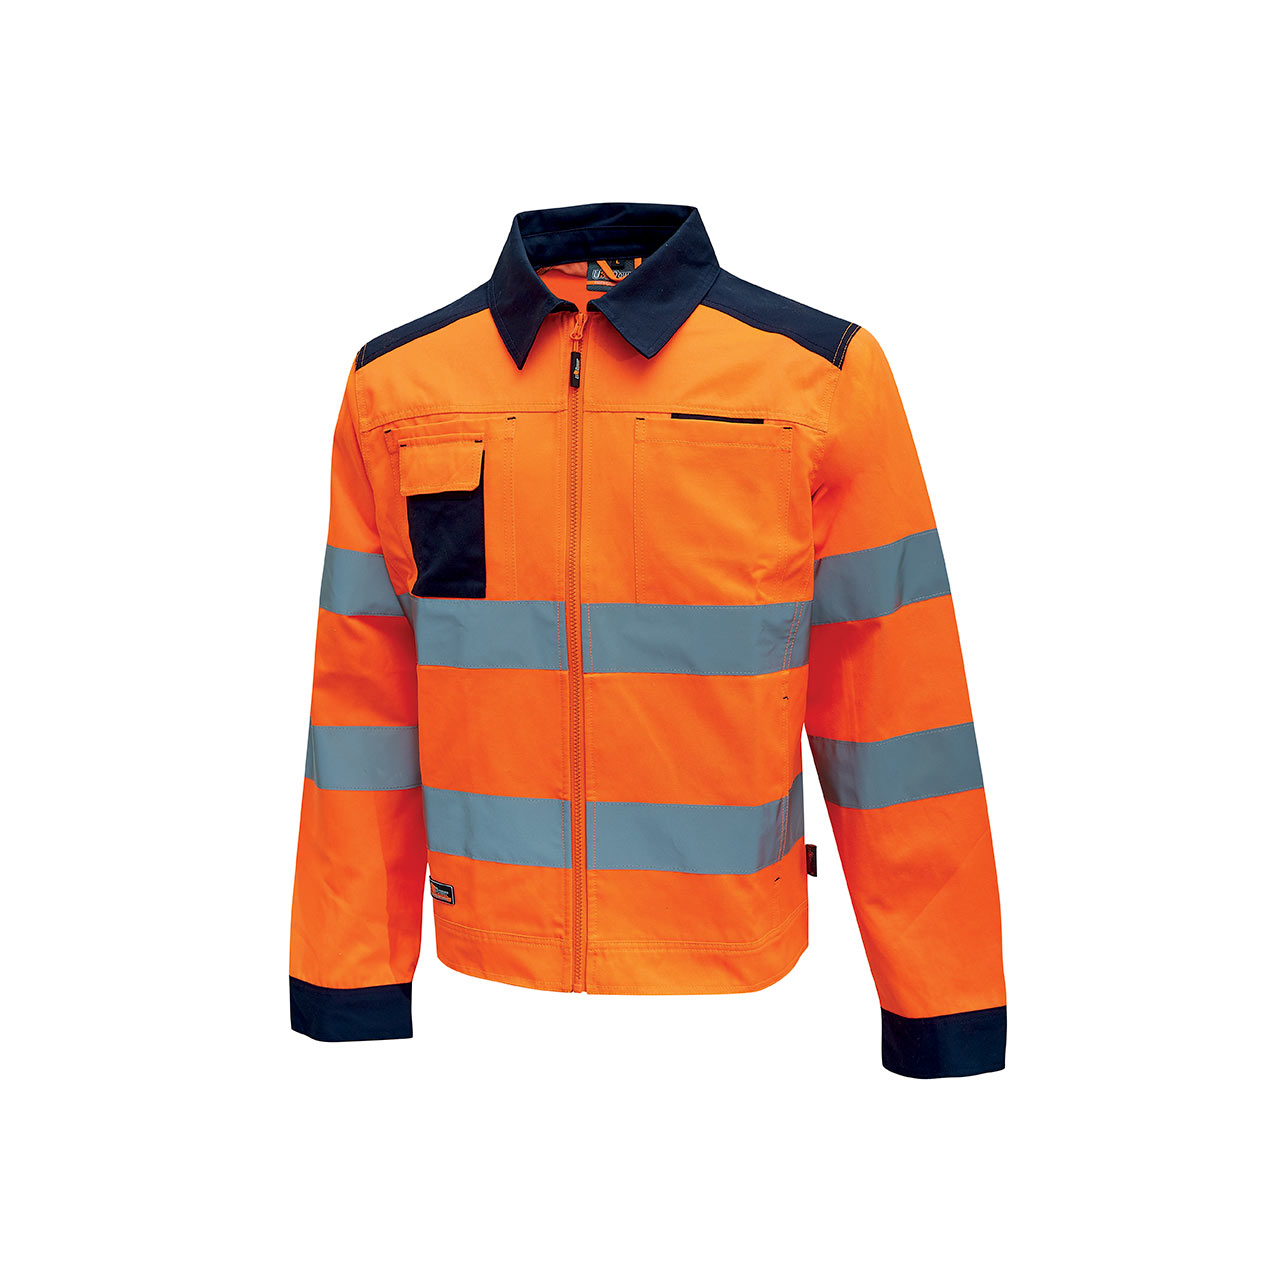 giacca da lavoro upower modello glare colore orange flu